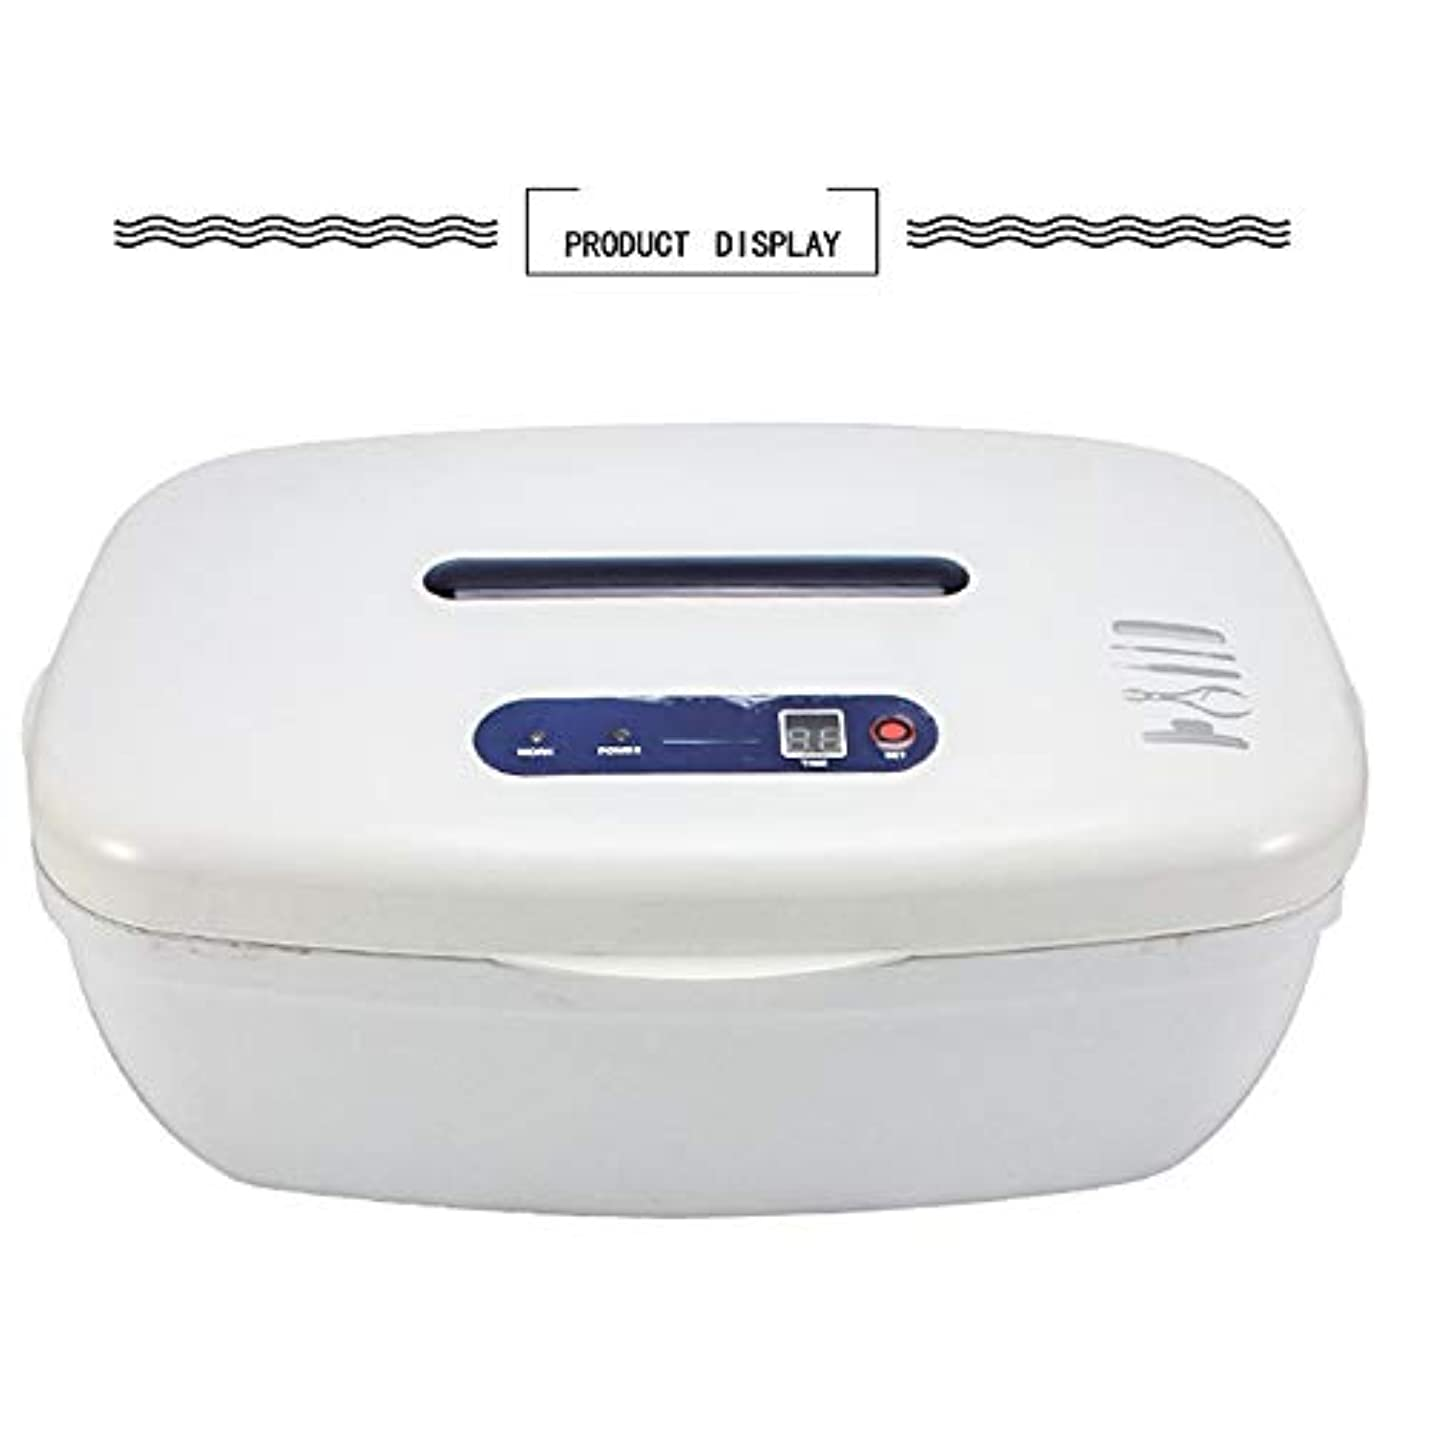 強度十分ではない調和のとれた専門の紫外線滅菌装置箱、釘用具の釘の大広間装置をきれいにするための紫外線の消毒剤